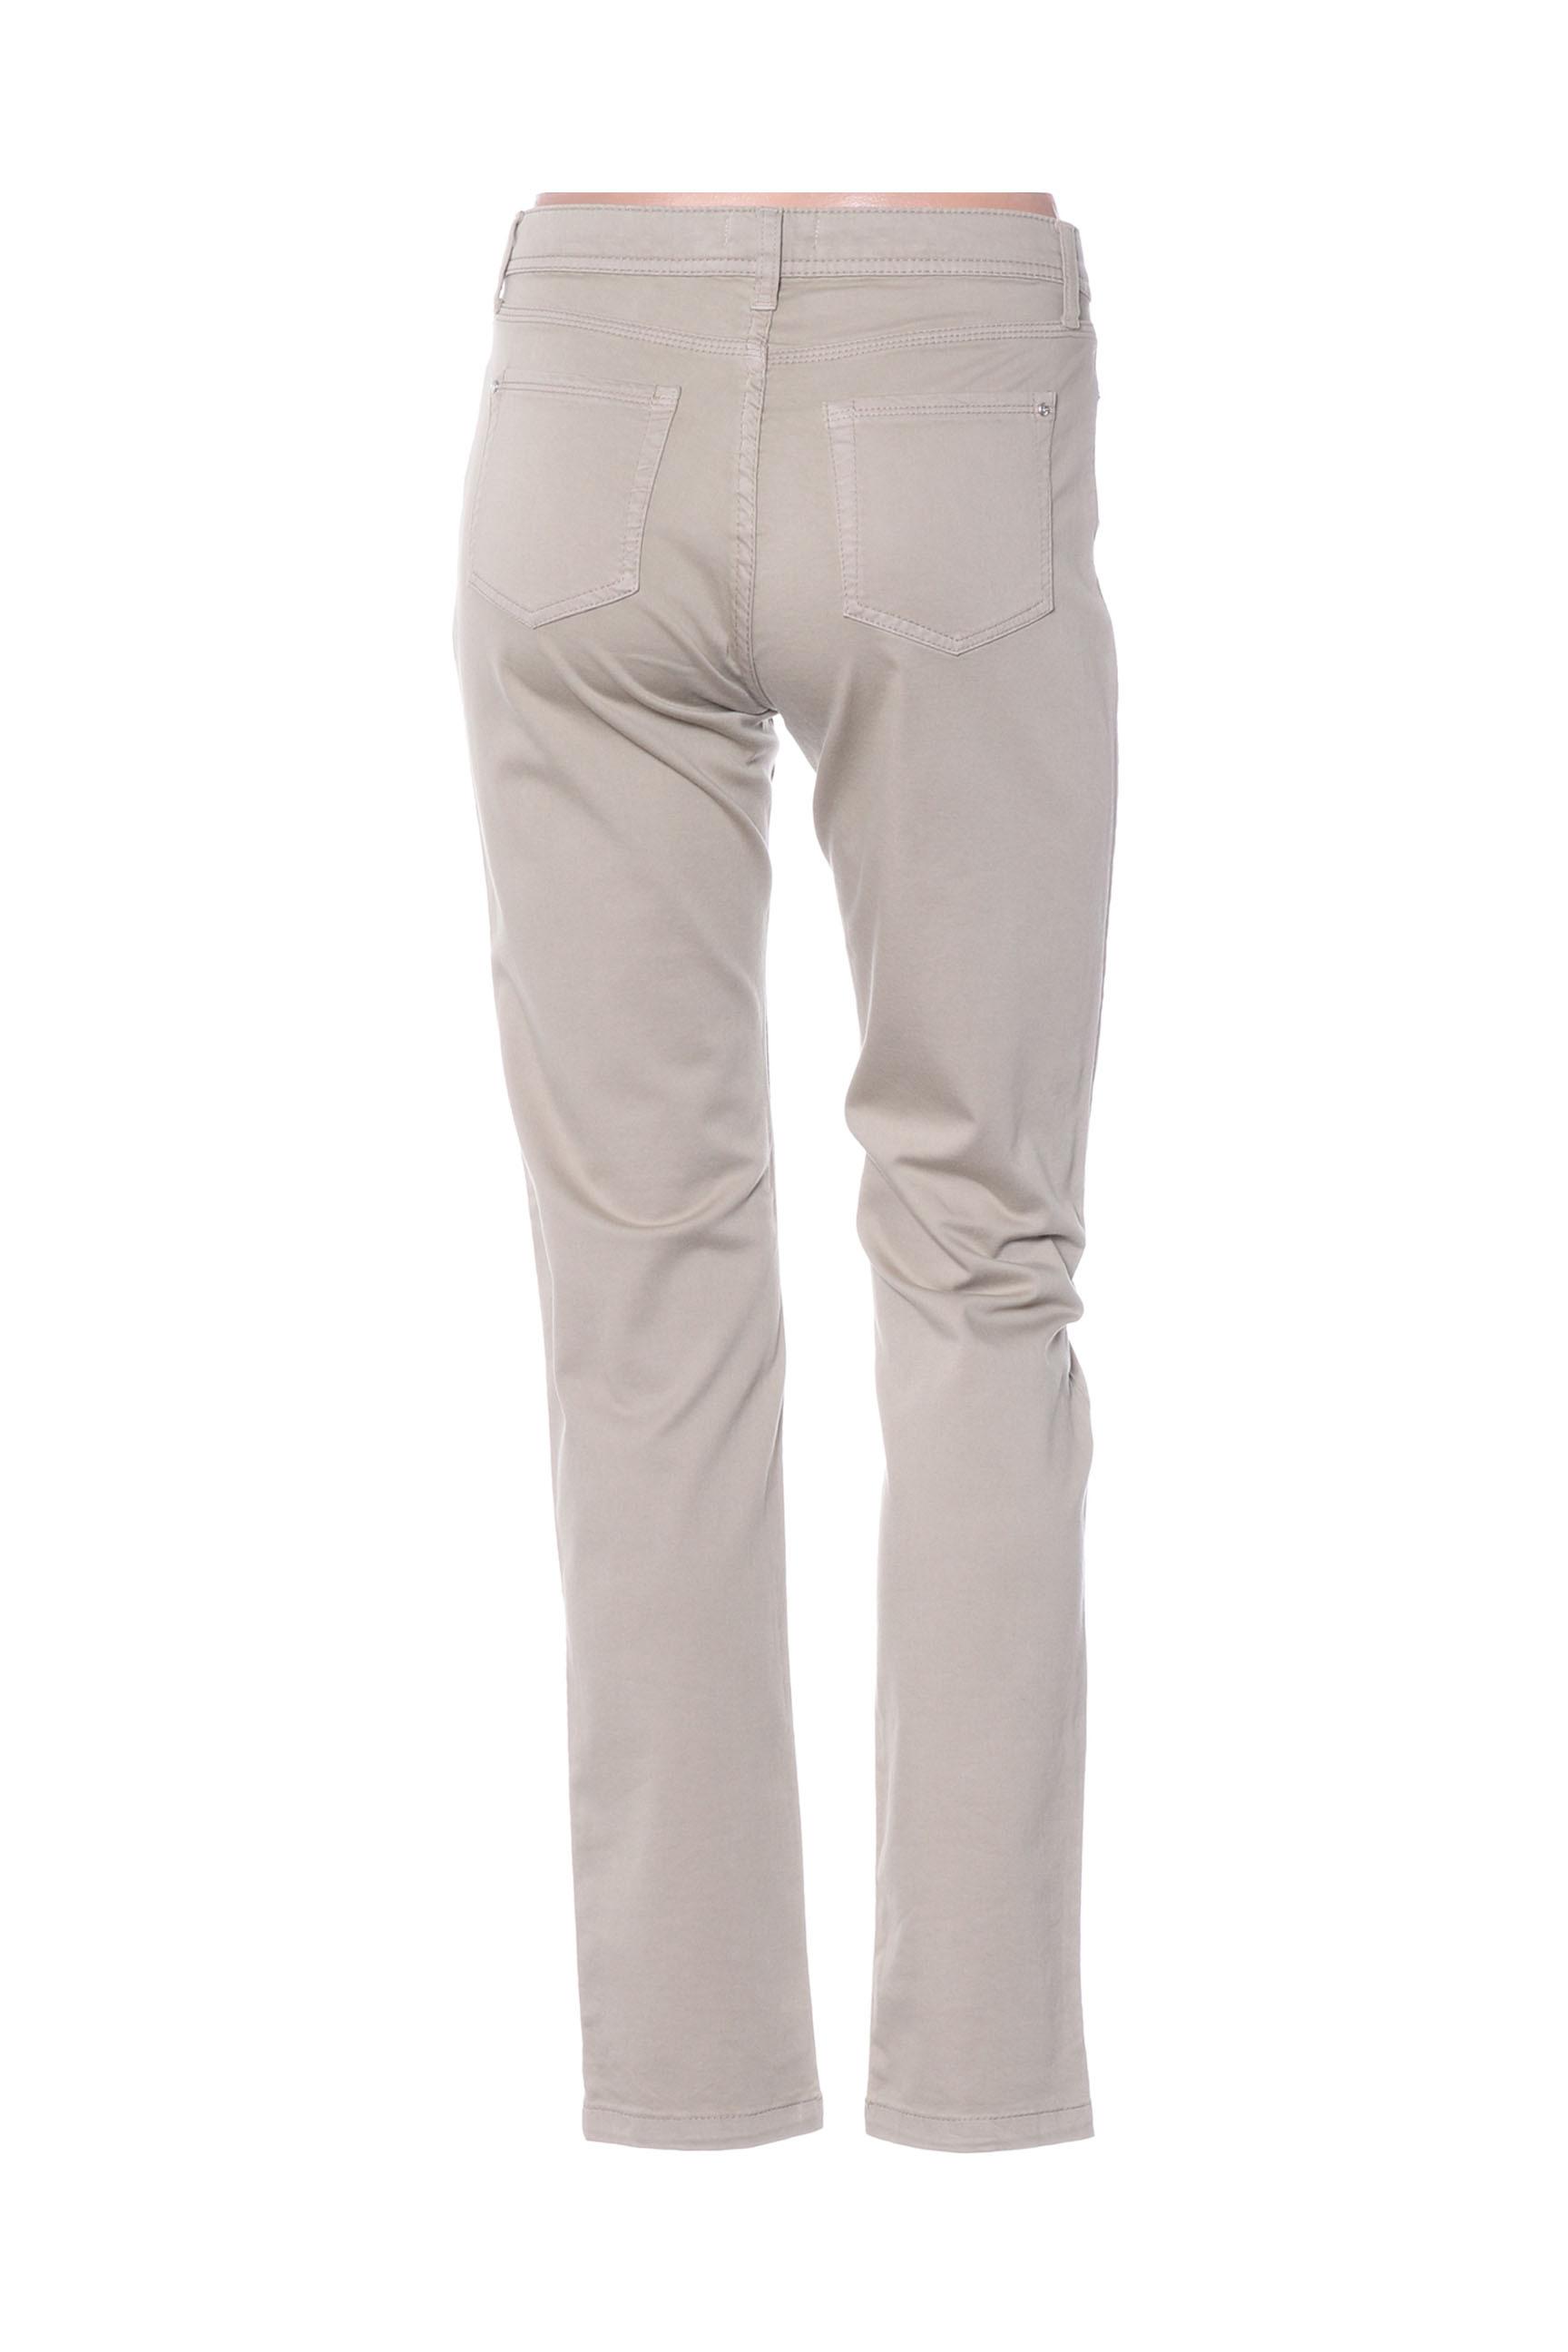 Fuego Woman Pantalons Decontractes Femme De Couleur Beige En Soldes Pas Cher 1415320-beige0